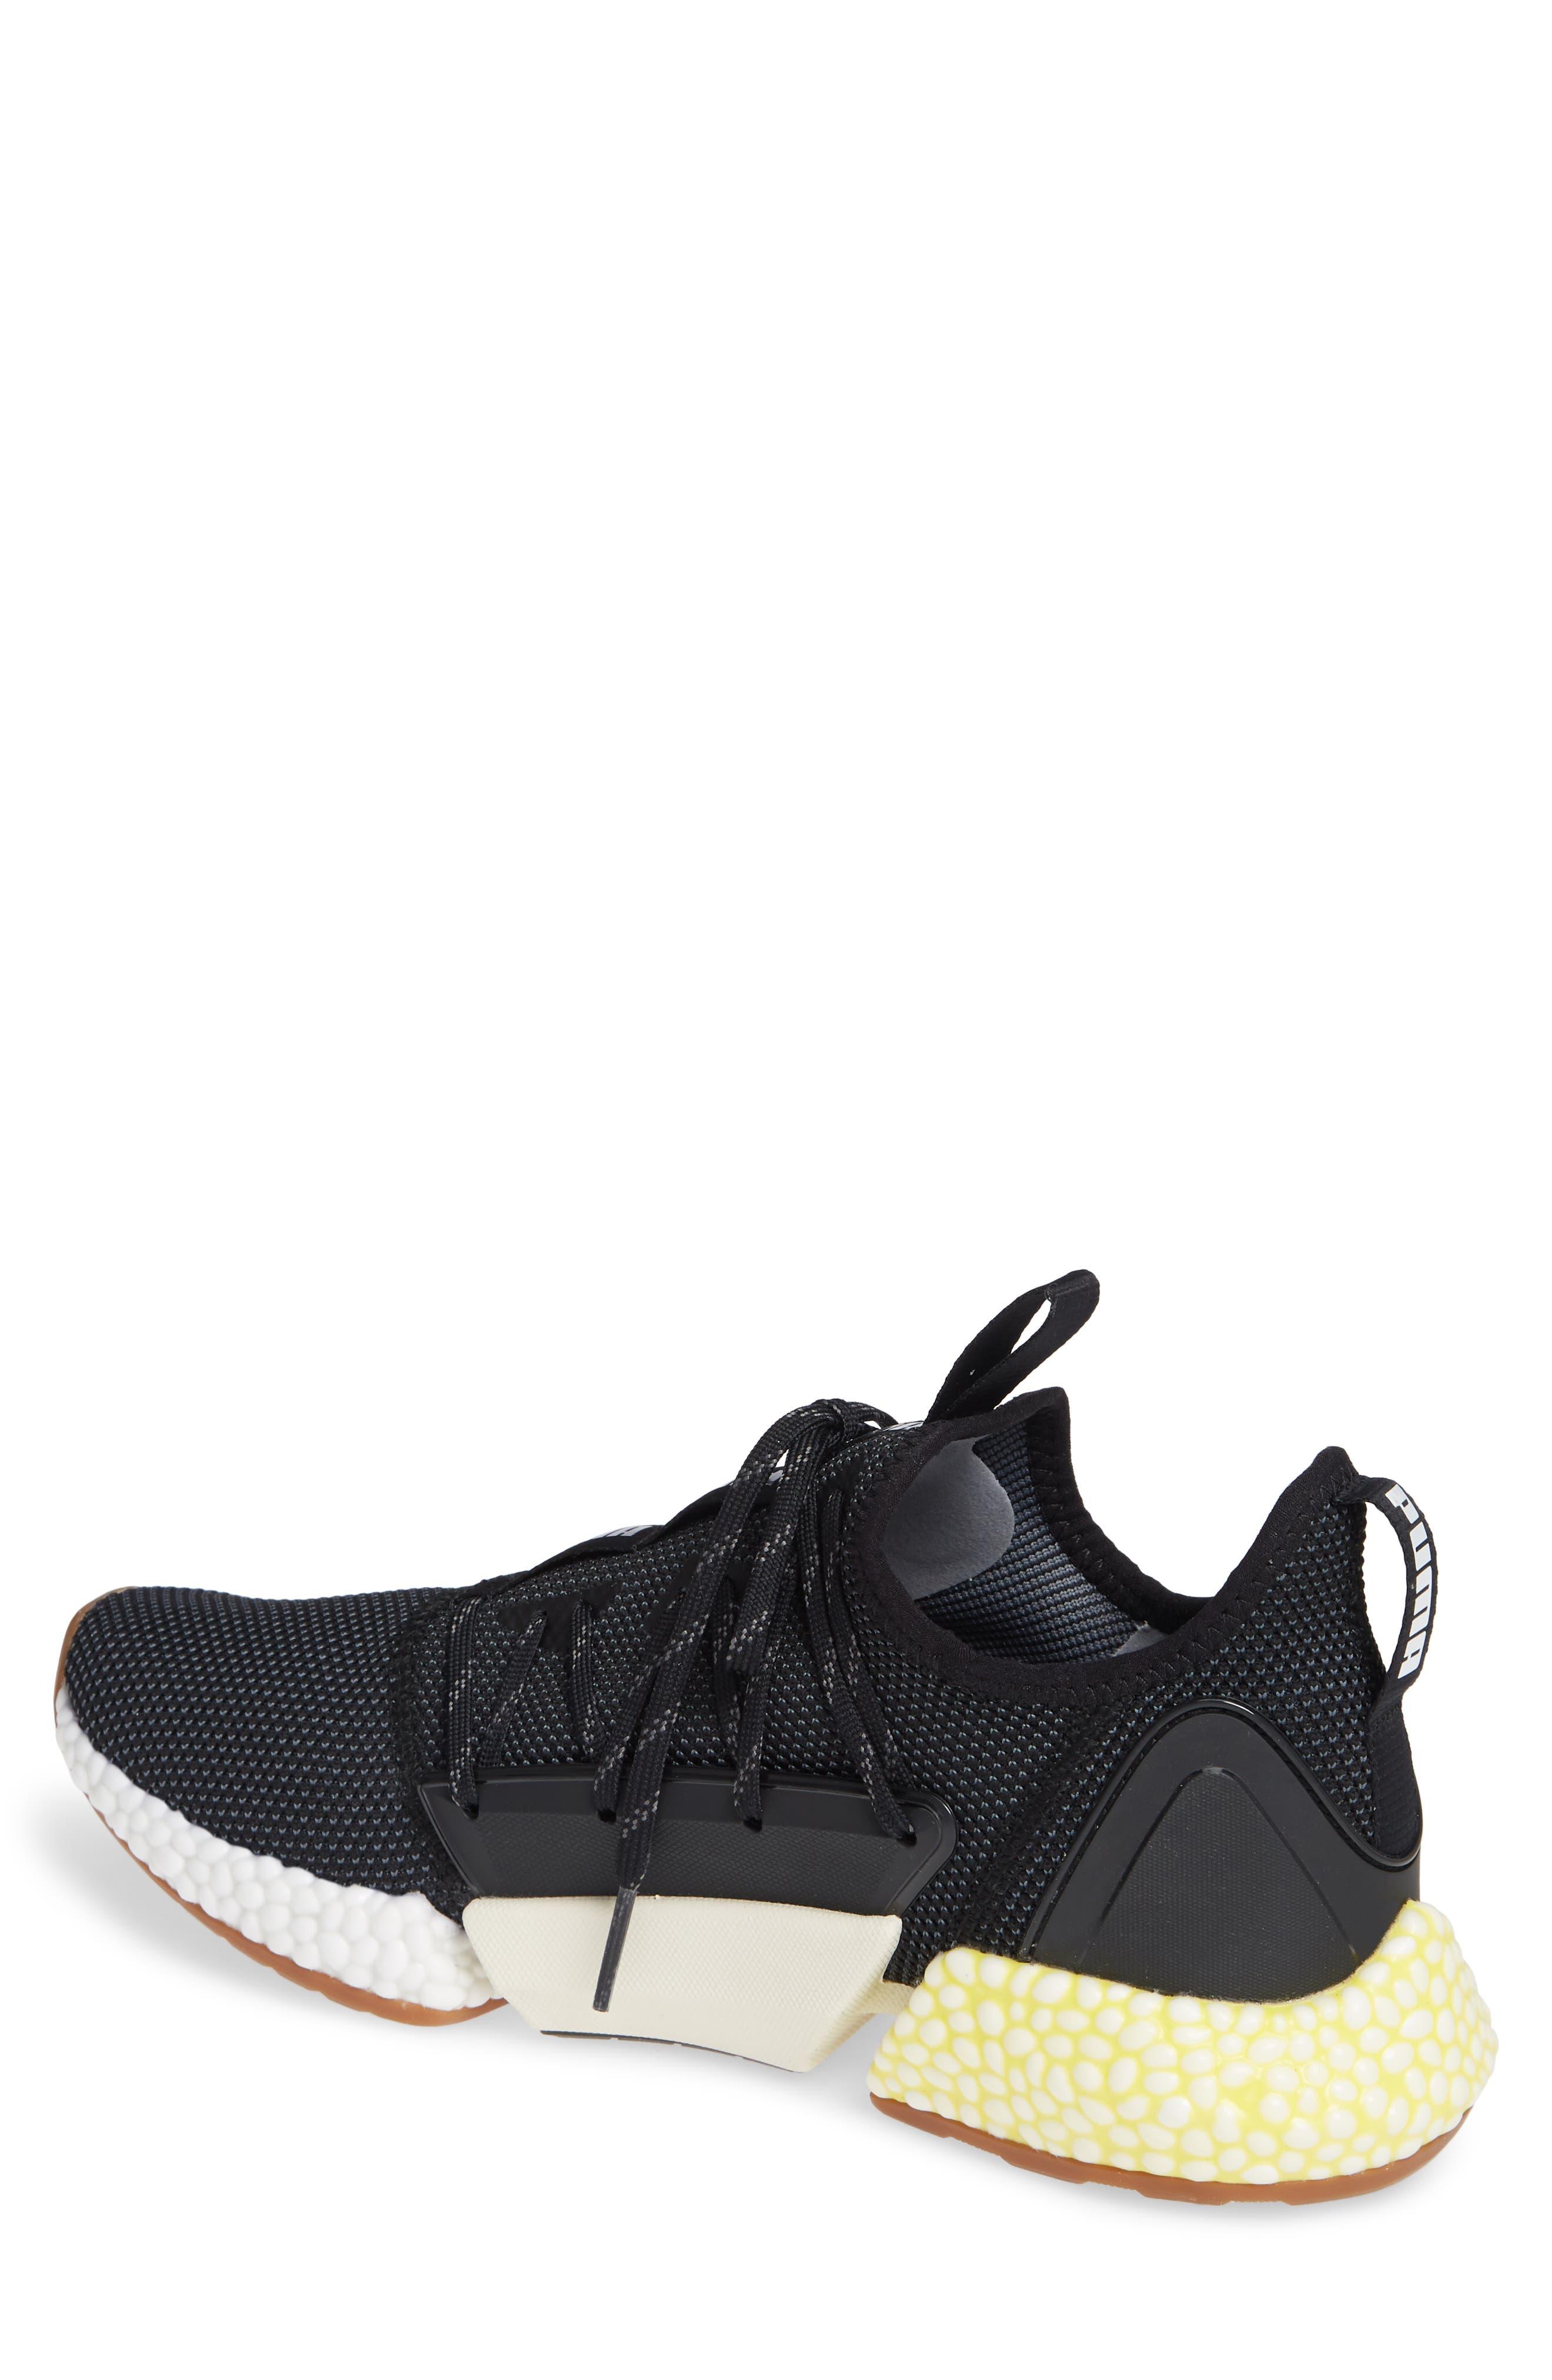 Hybrid Rocket Runner Sneaker,                             Alternate thumbnail 2, color,                             BLACK/ WHITE/ BLAZING YELLOW